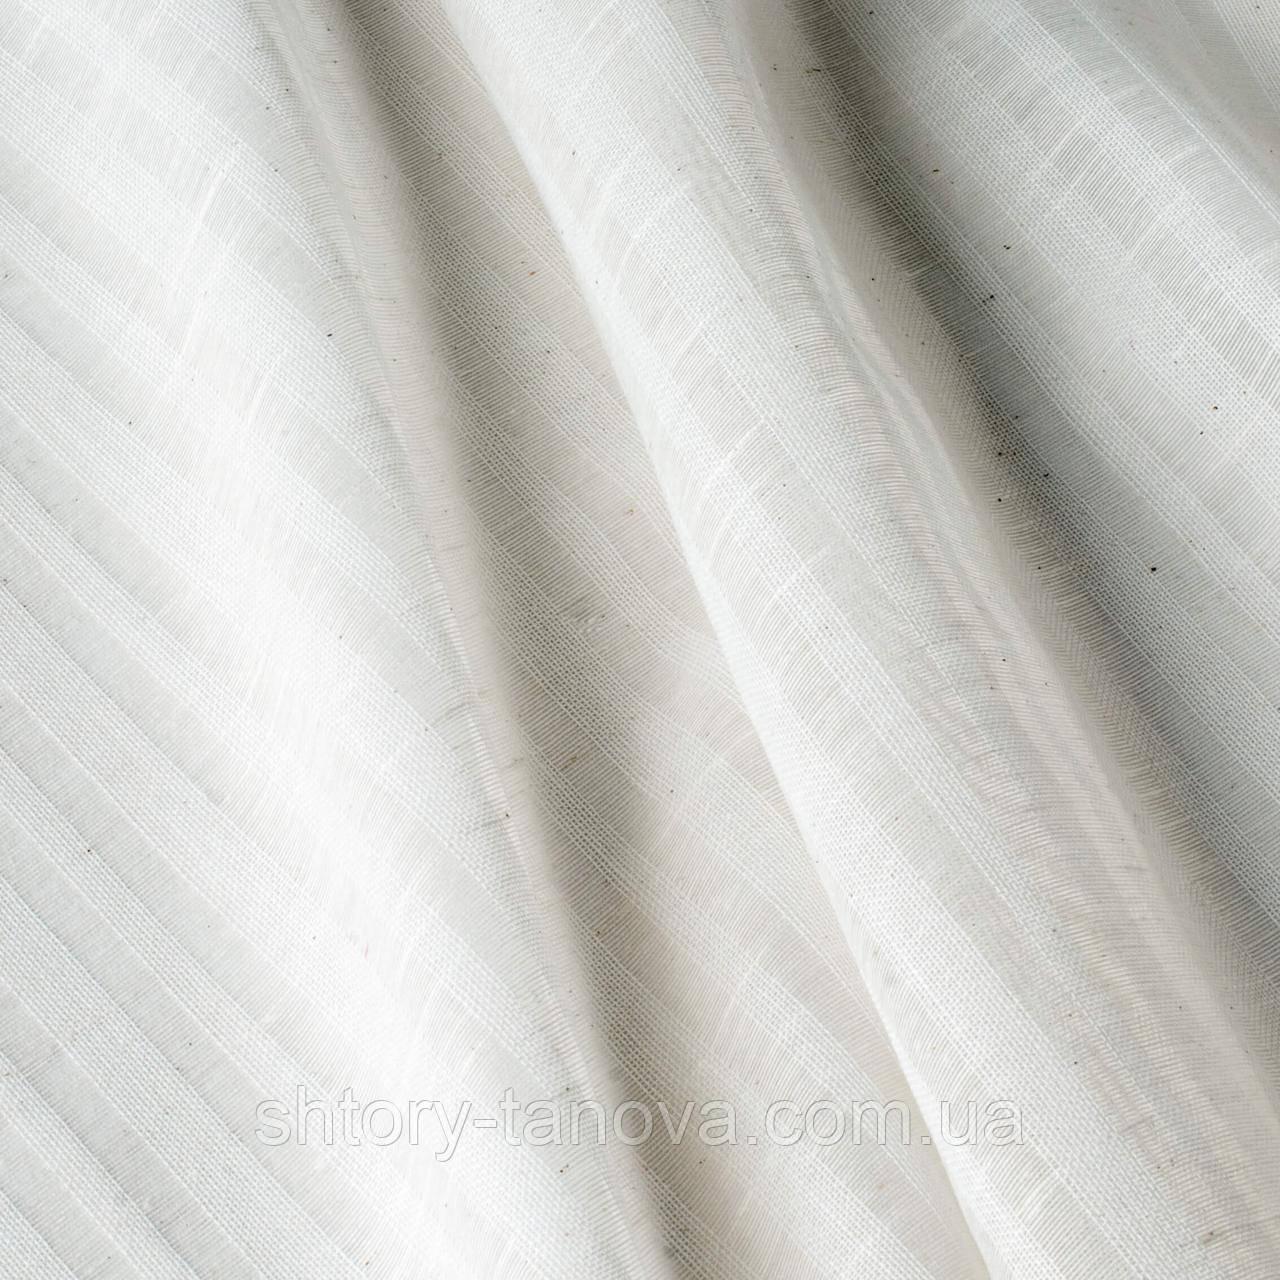 Испанская бело-серая тюль c прозрачными вставками